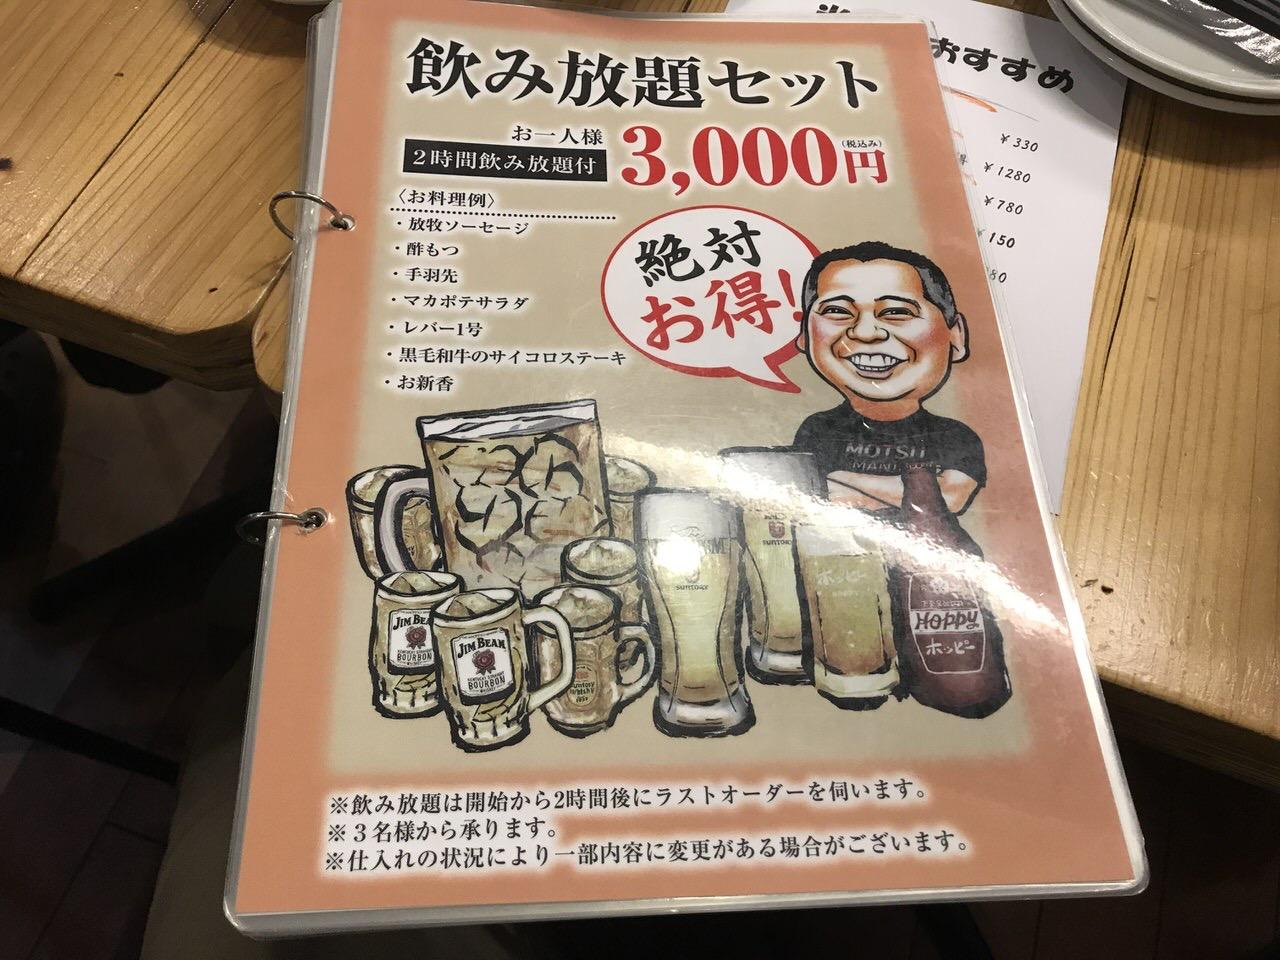 串屋横丁 神田南口店 メニュー 03